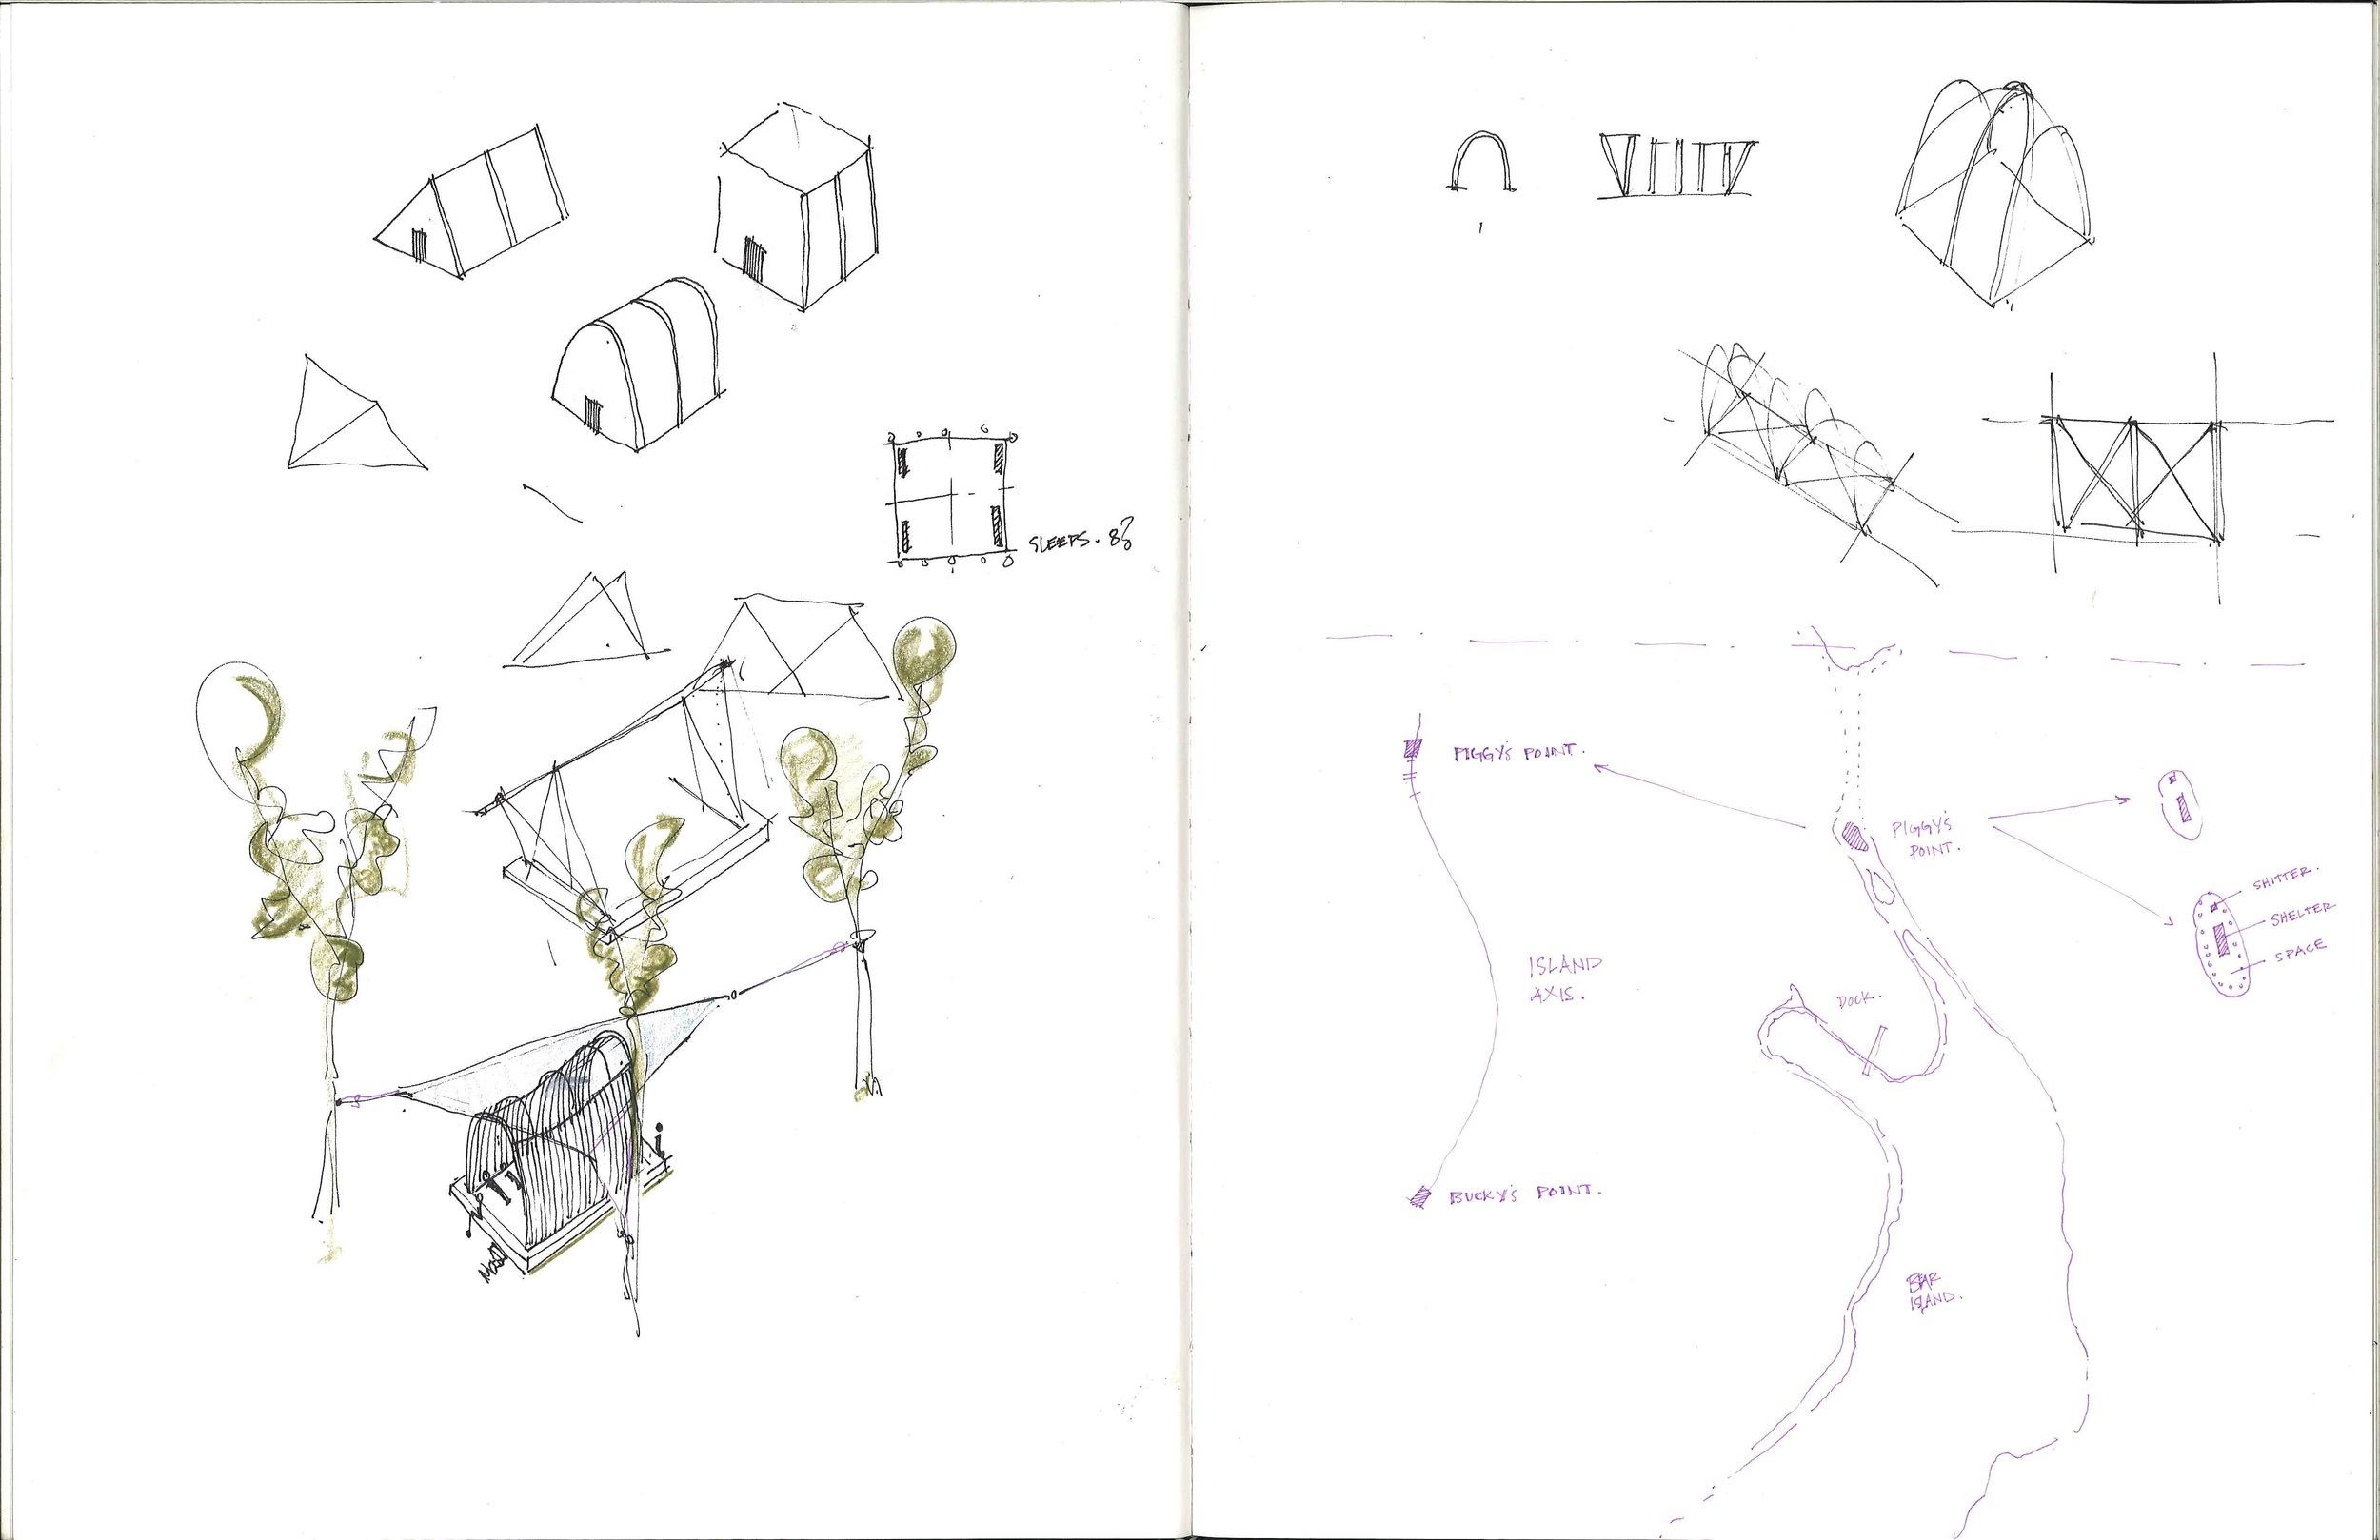 Jesse_Sketchbook_0004.jpg